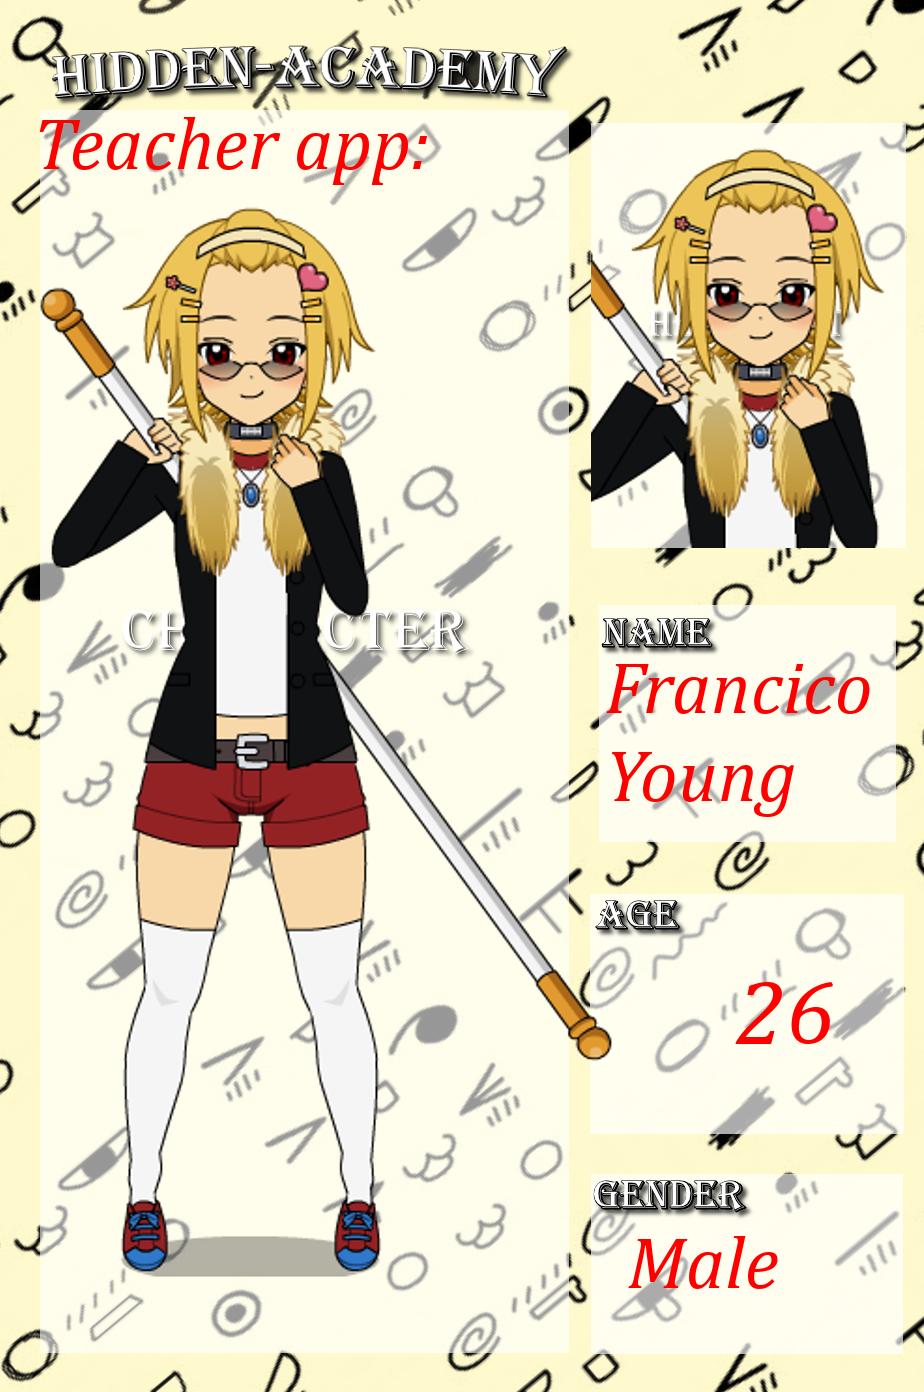   Francico Young   by zZLazyWolfZz